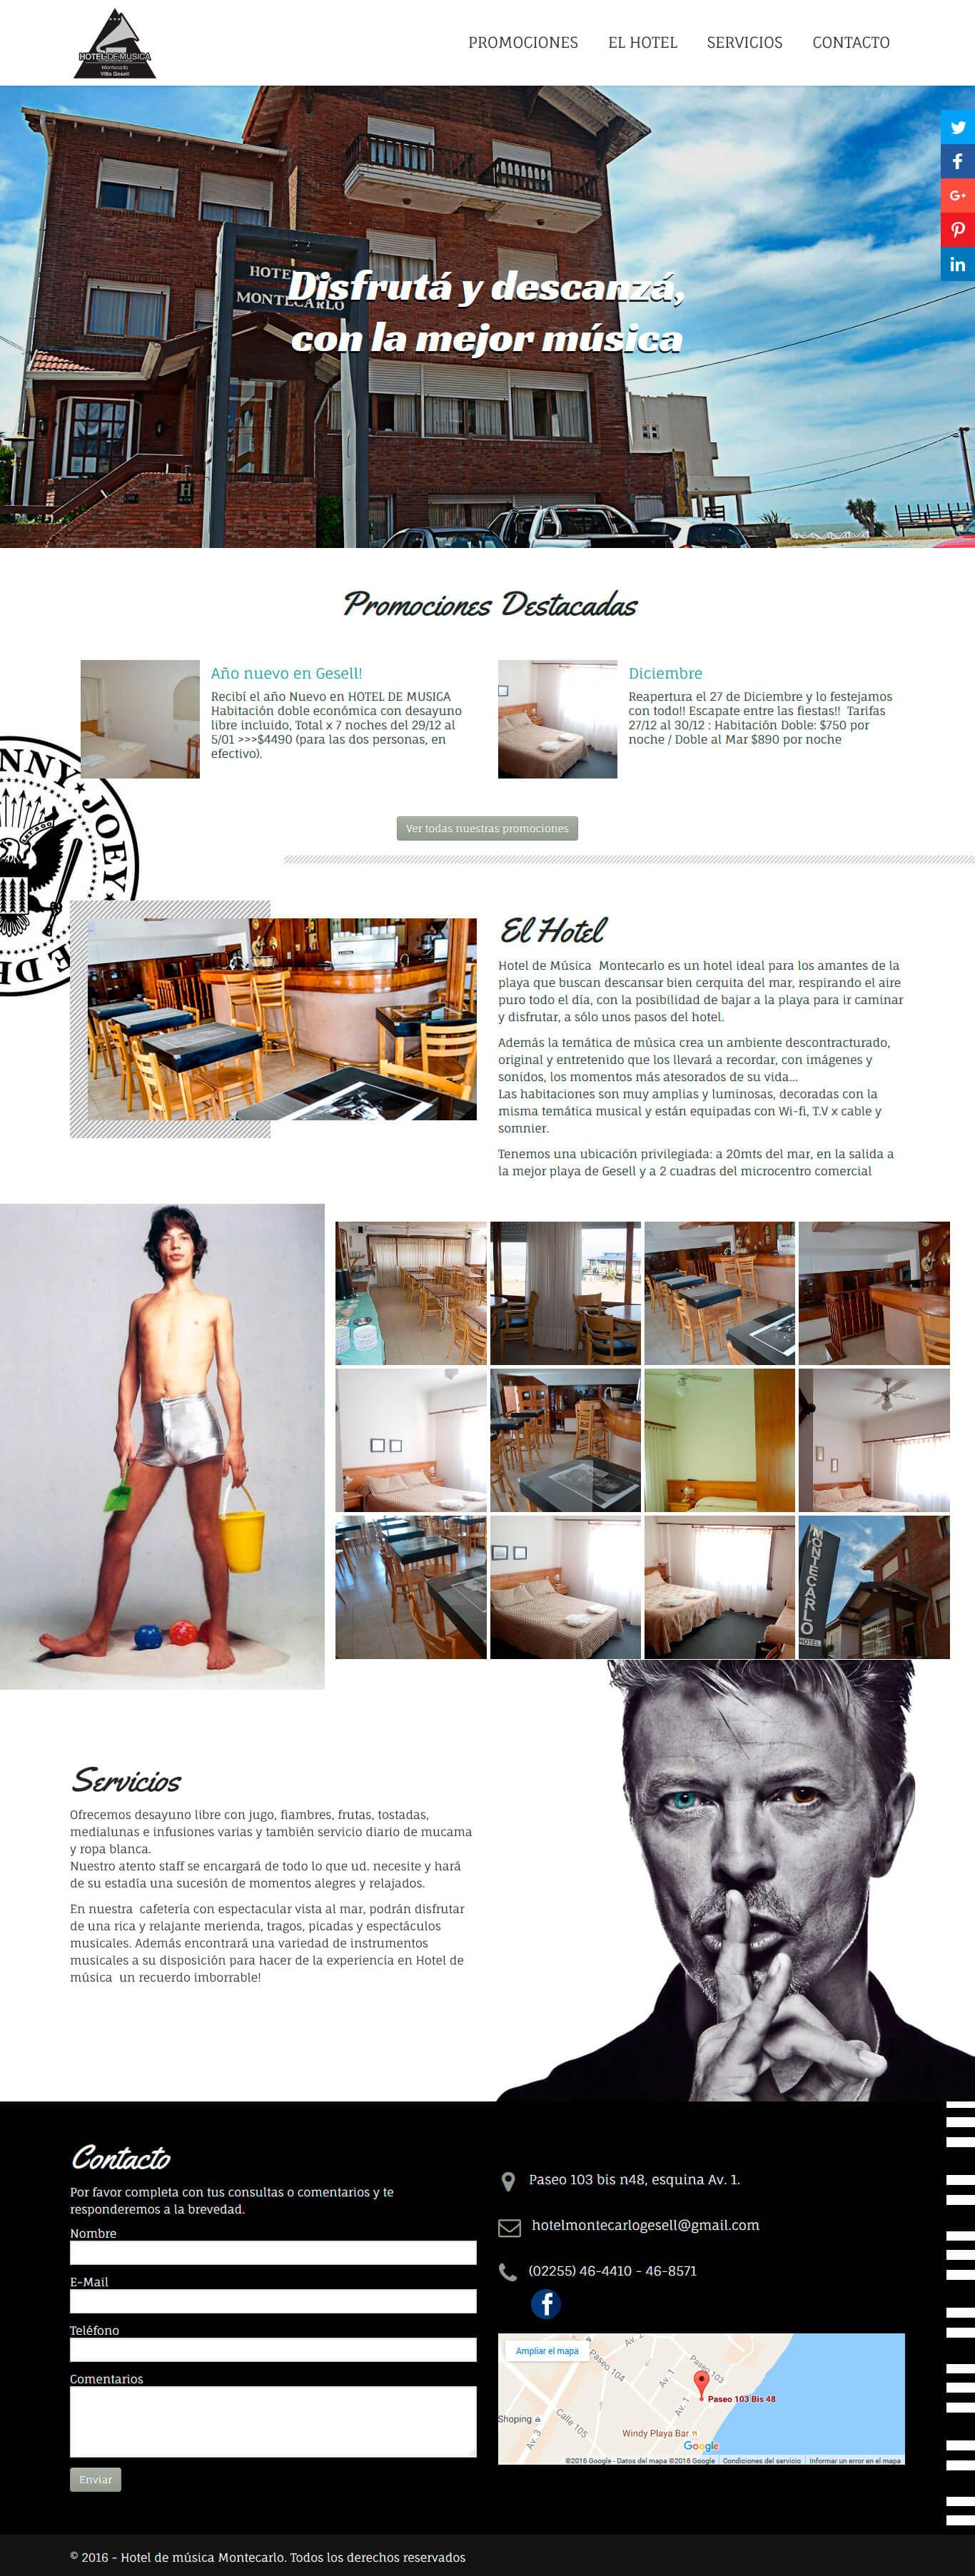 hoteldemusica-com